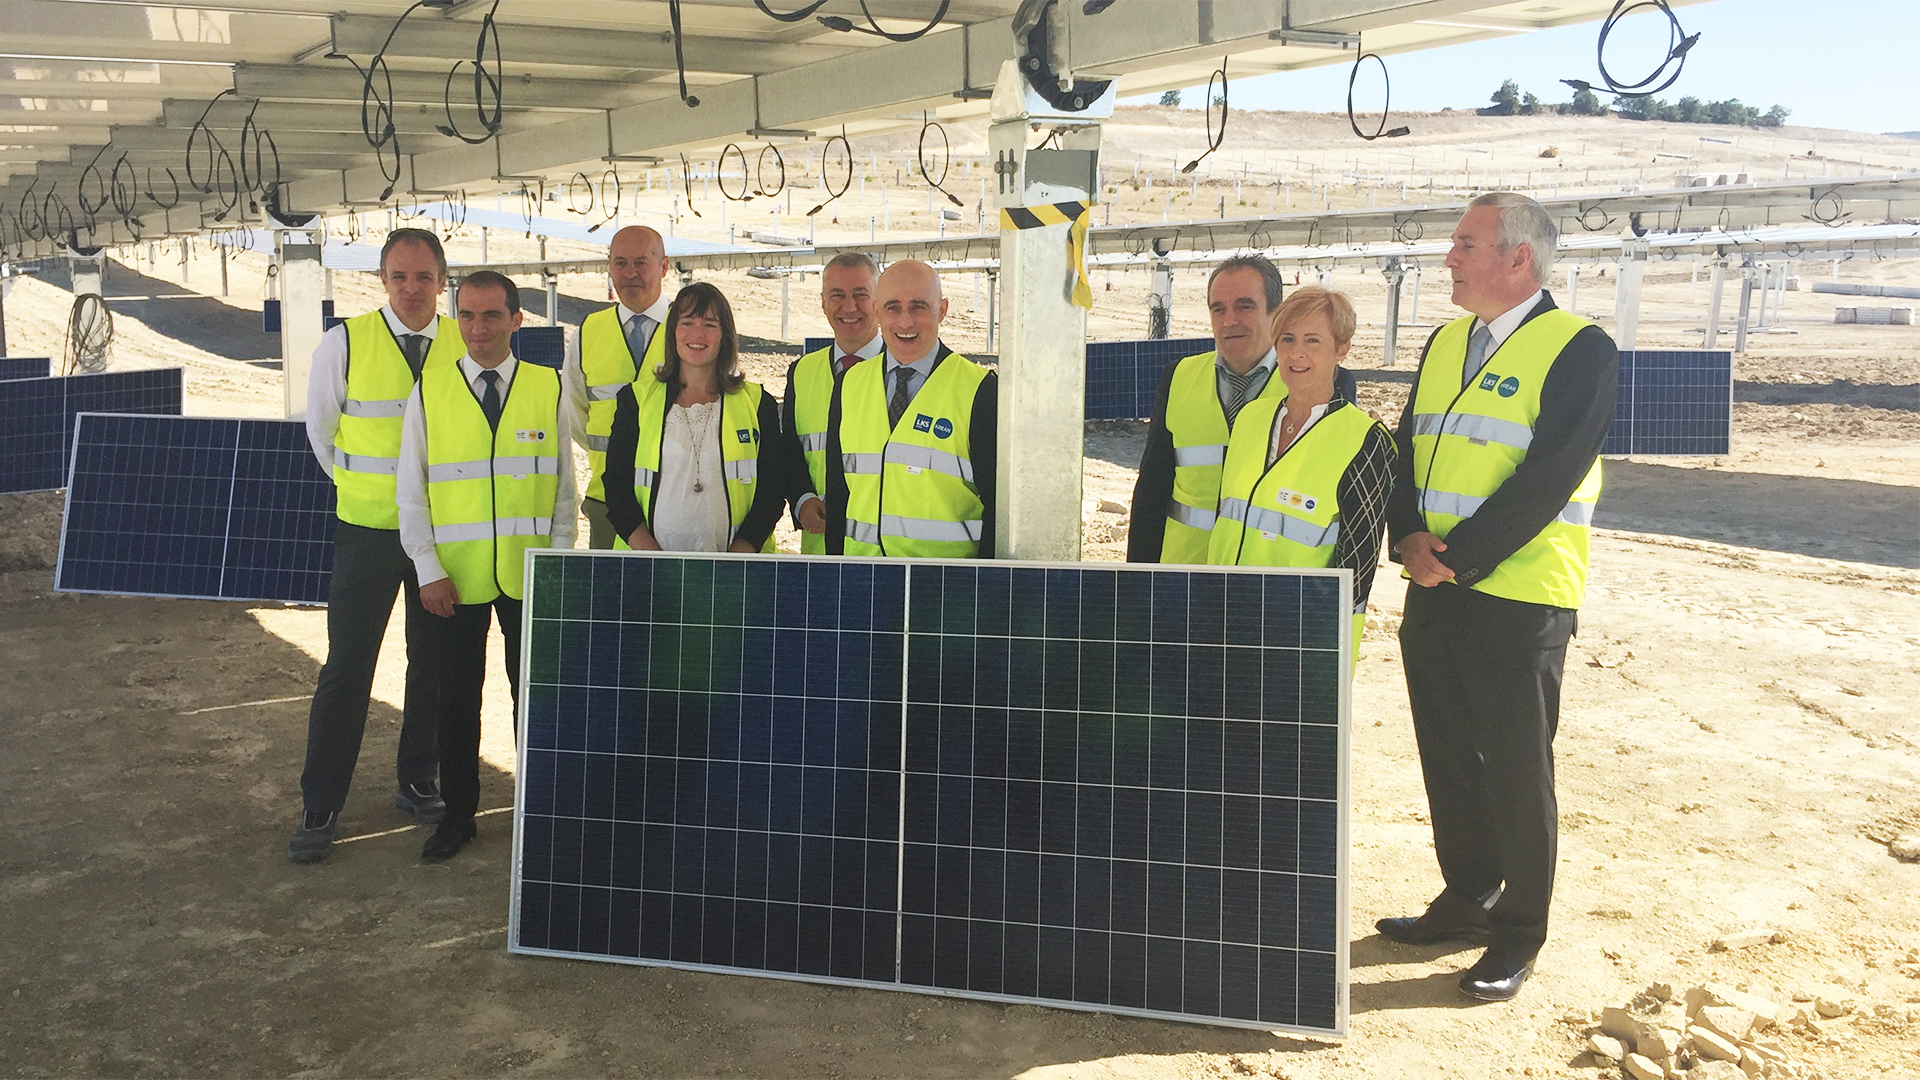 EKIAN, el mayor parque solar de Euskadi, acoge la instalación de las placas solares que entrarán en funcionamiento a final de año